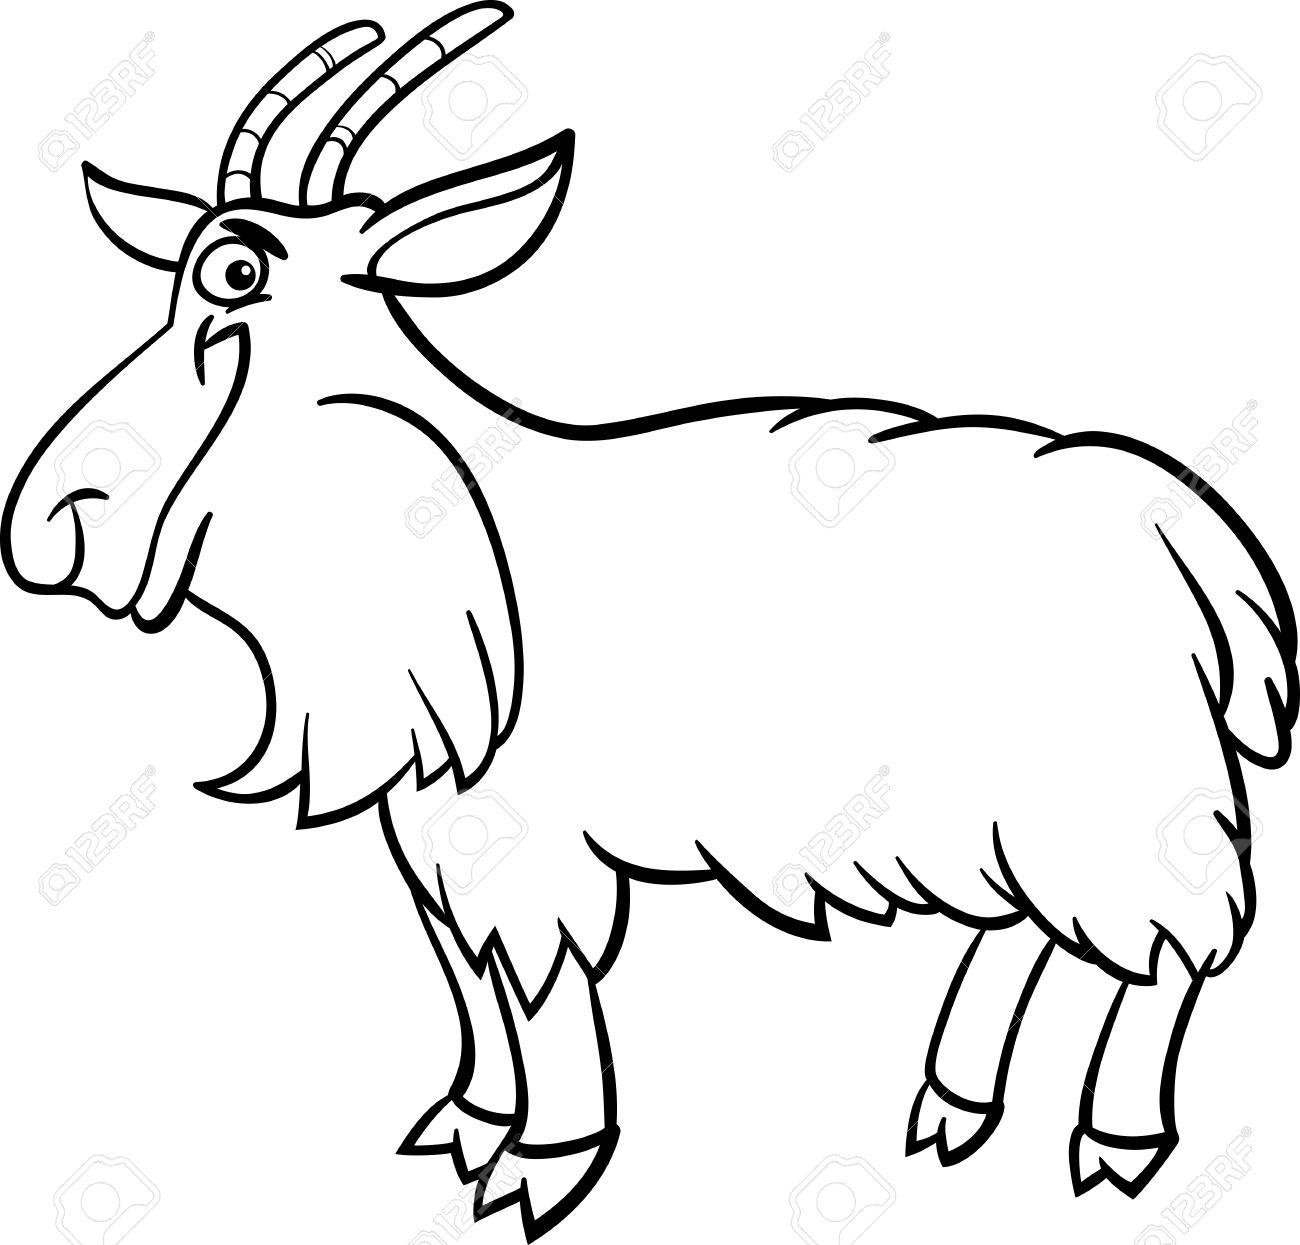 1300x1245 Drawn Toon Goat